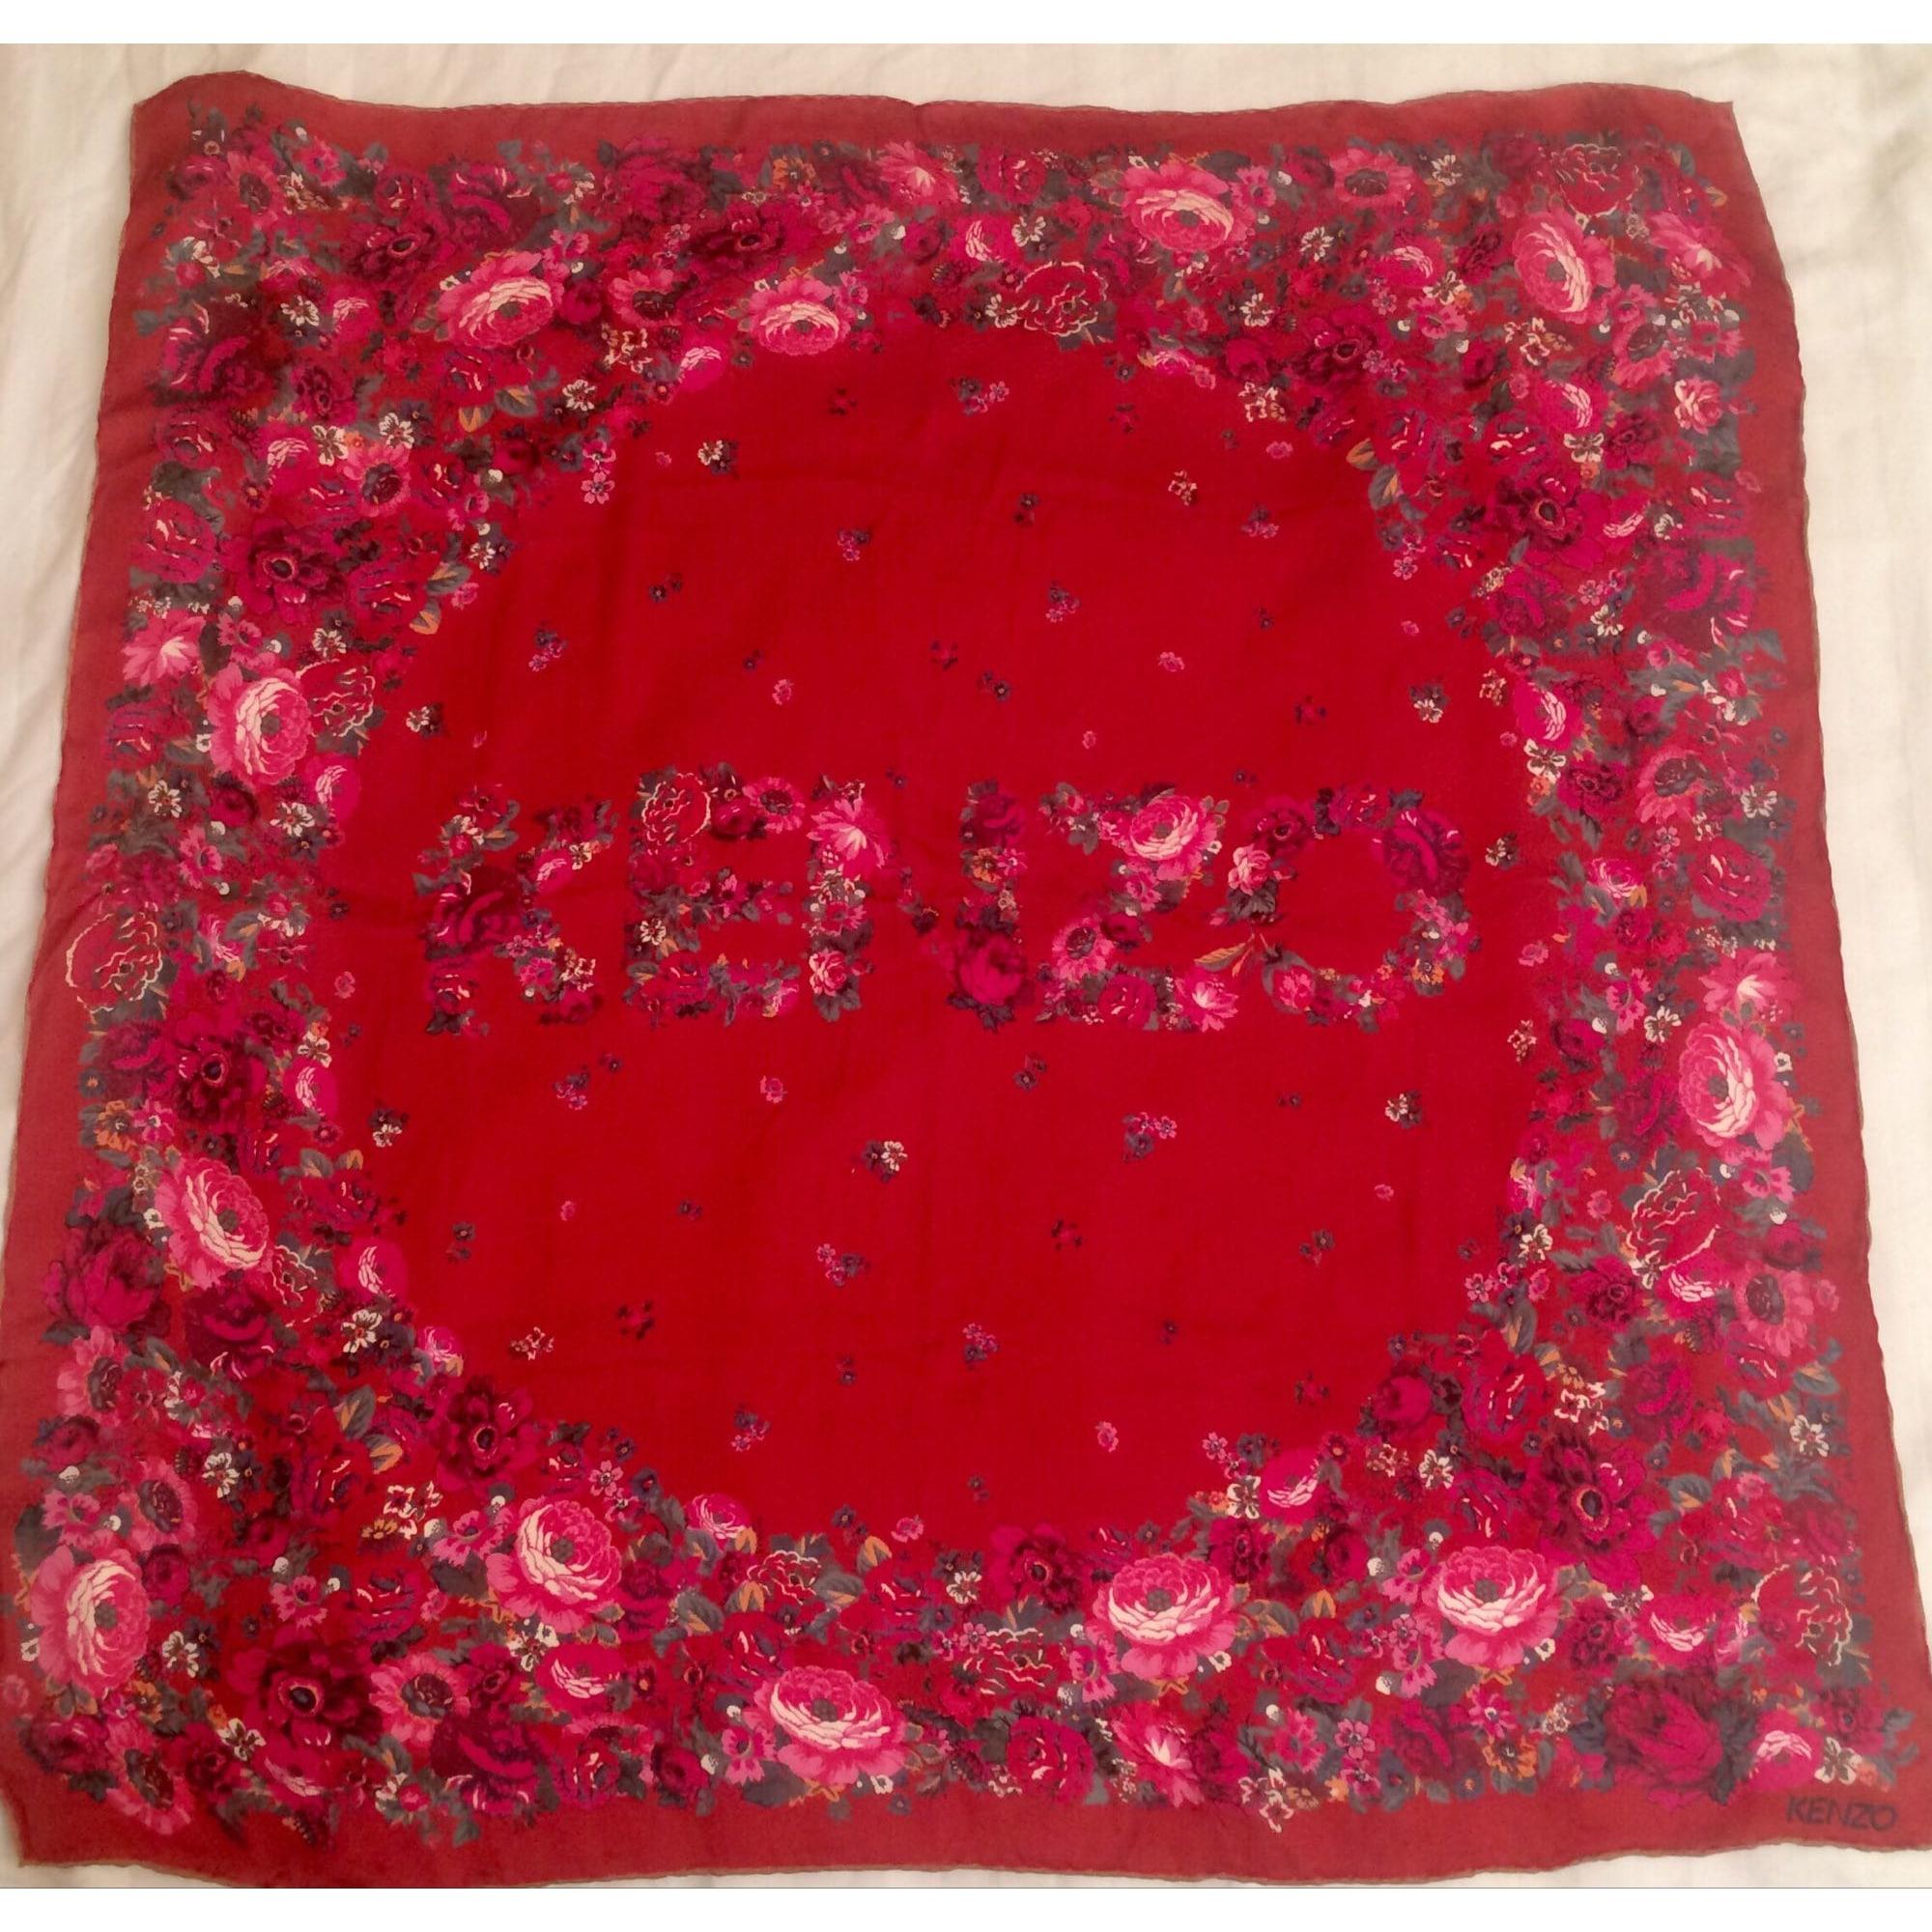 Foulard KENZO rouge vendu par Stellabergen - 8372494 5a803a47cb9